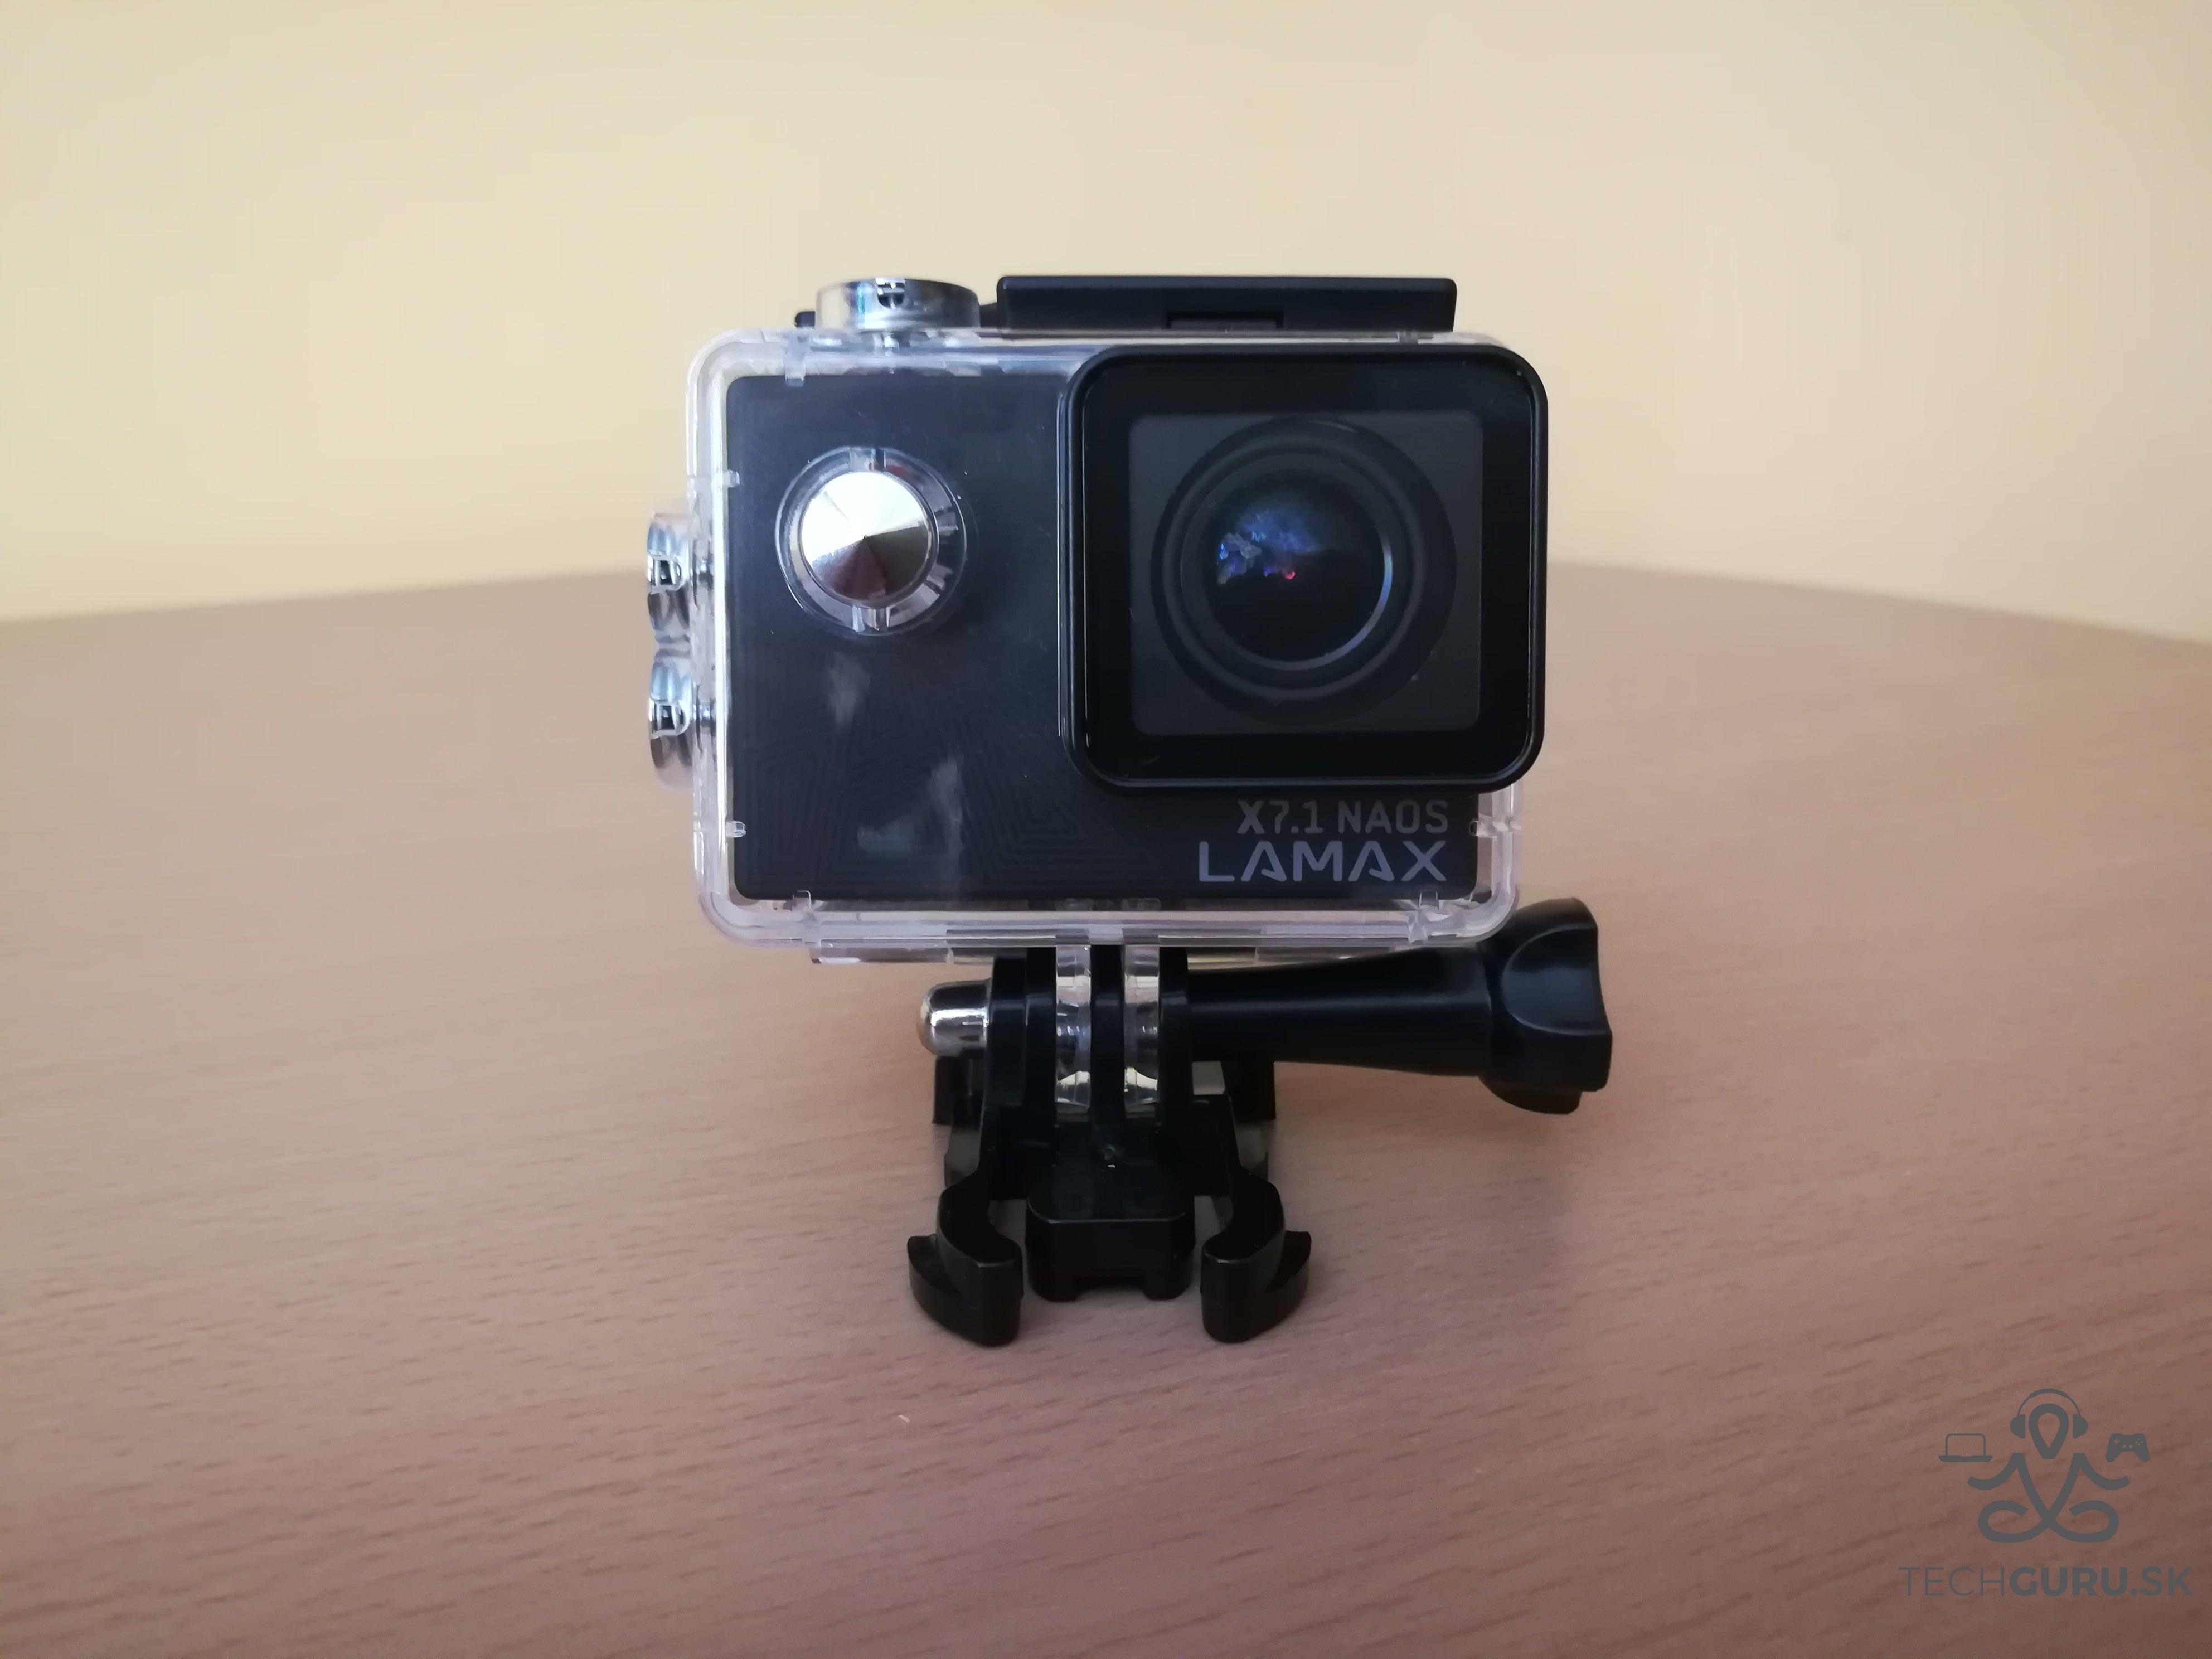 Lamax X7.1 Naos predná strana